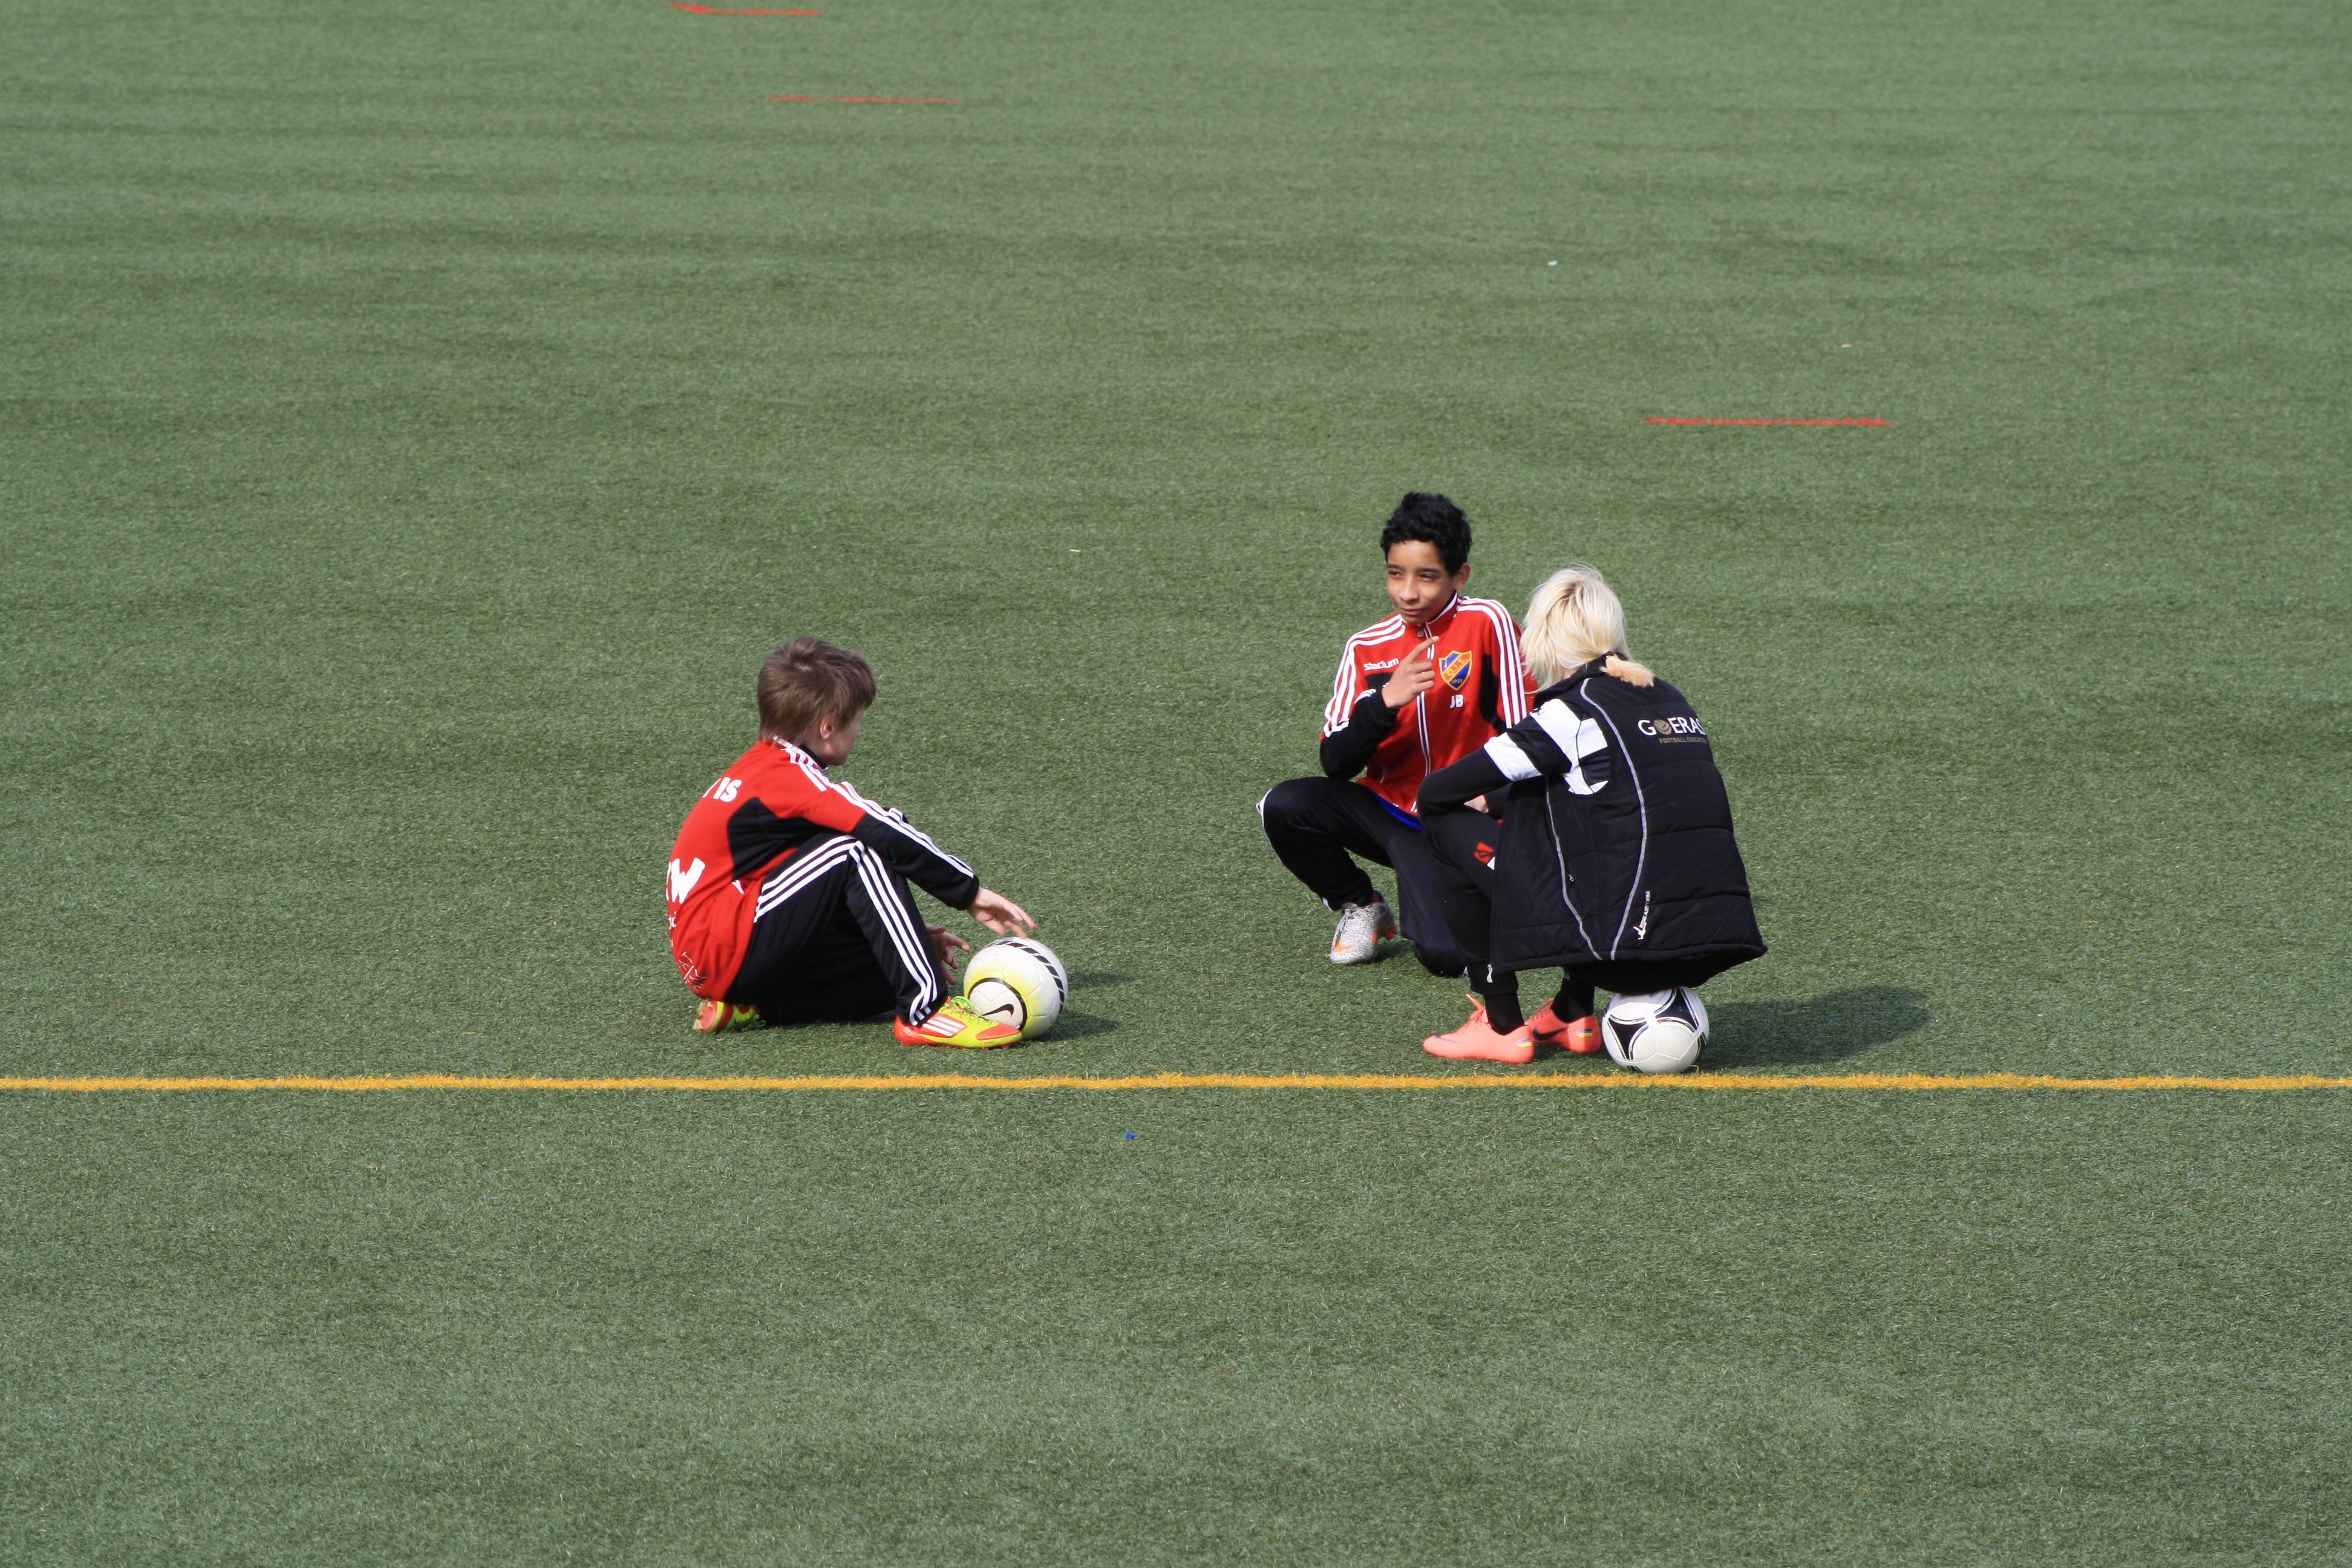 Edvin, Julian och Madde summerar den individuella träningen och detaljerna i ett vristskott. Nacka IP 25/4 2012